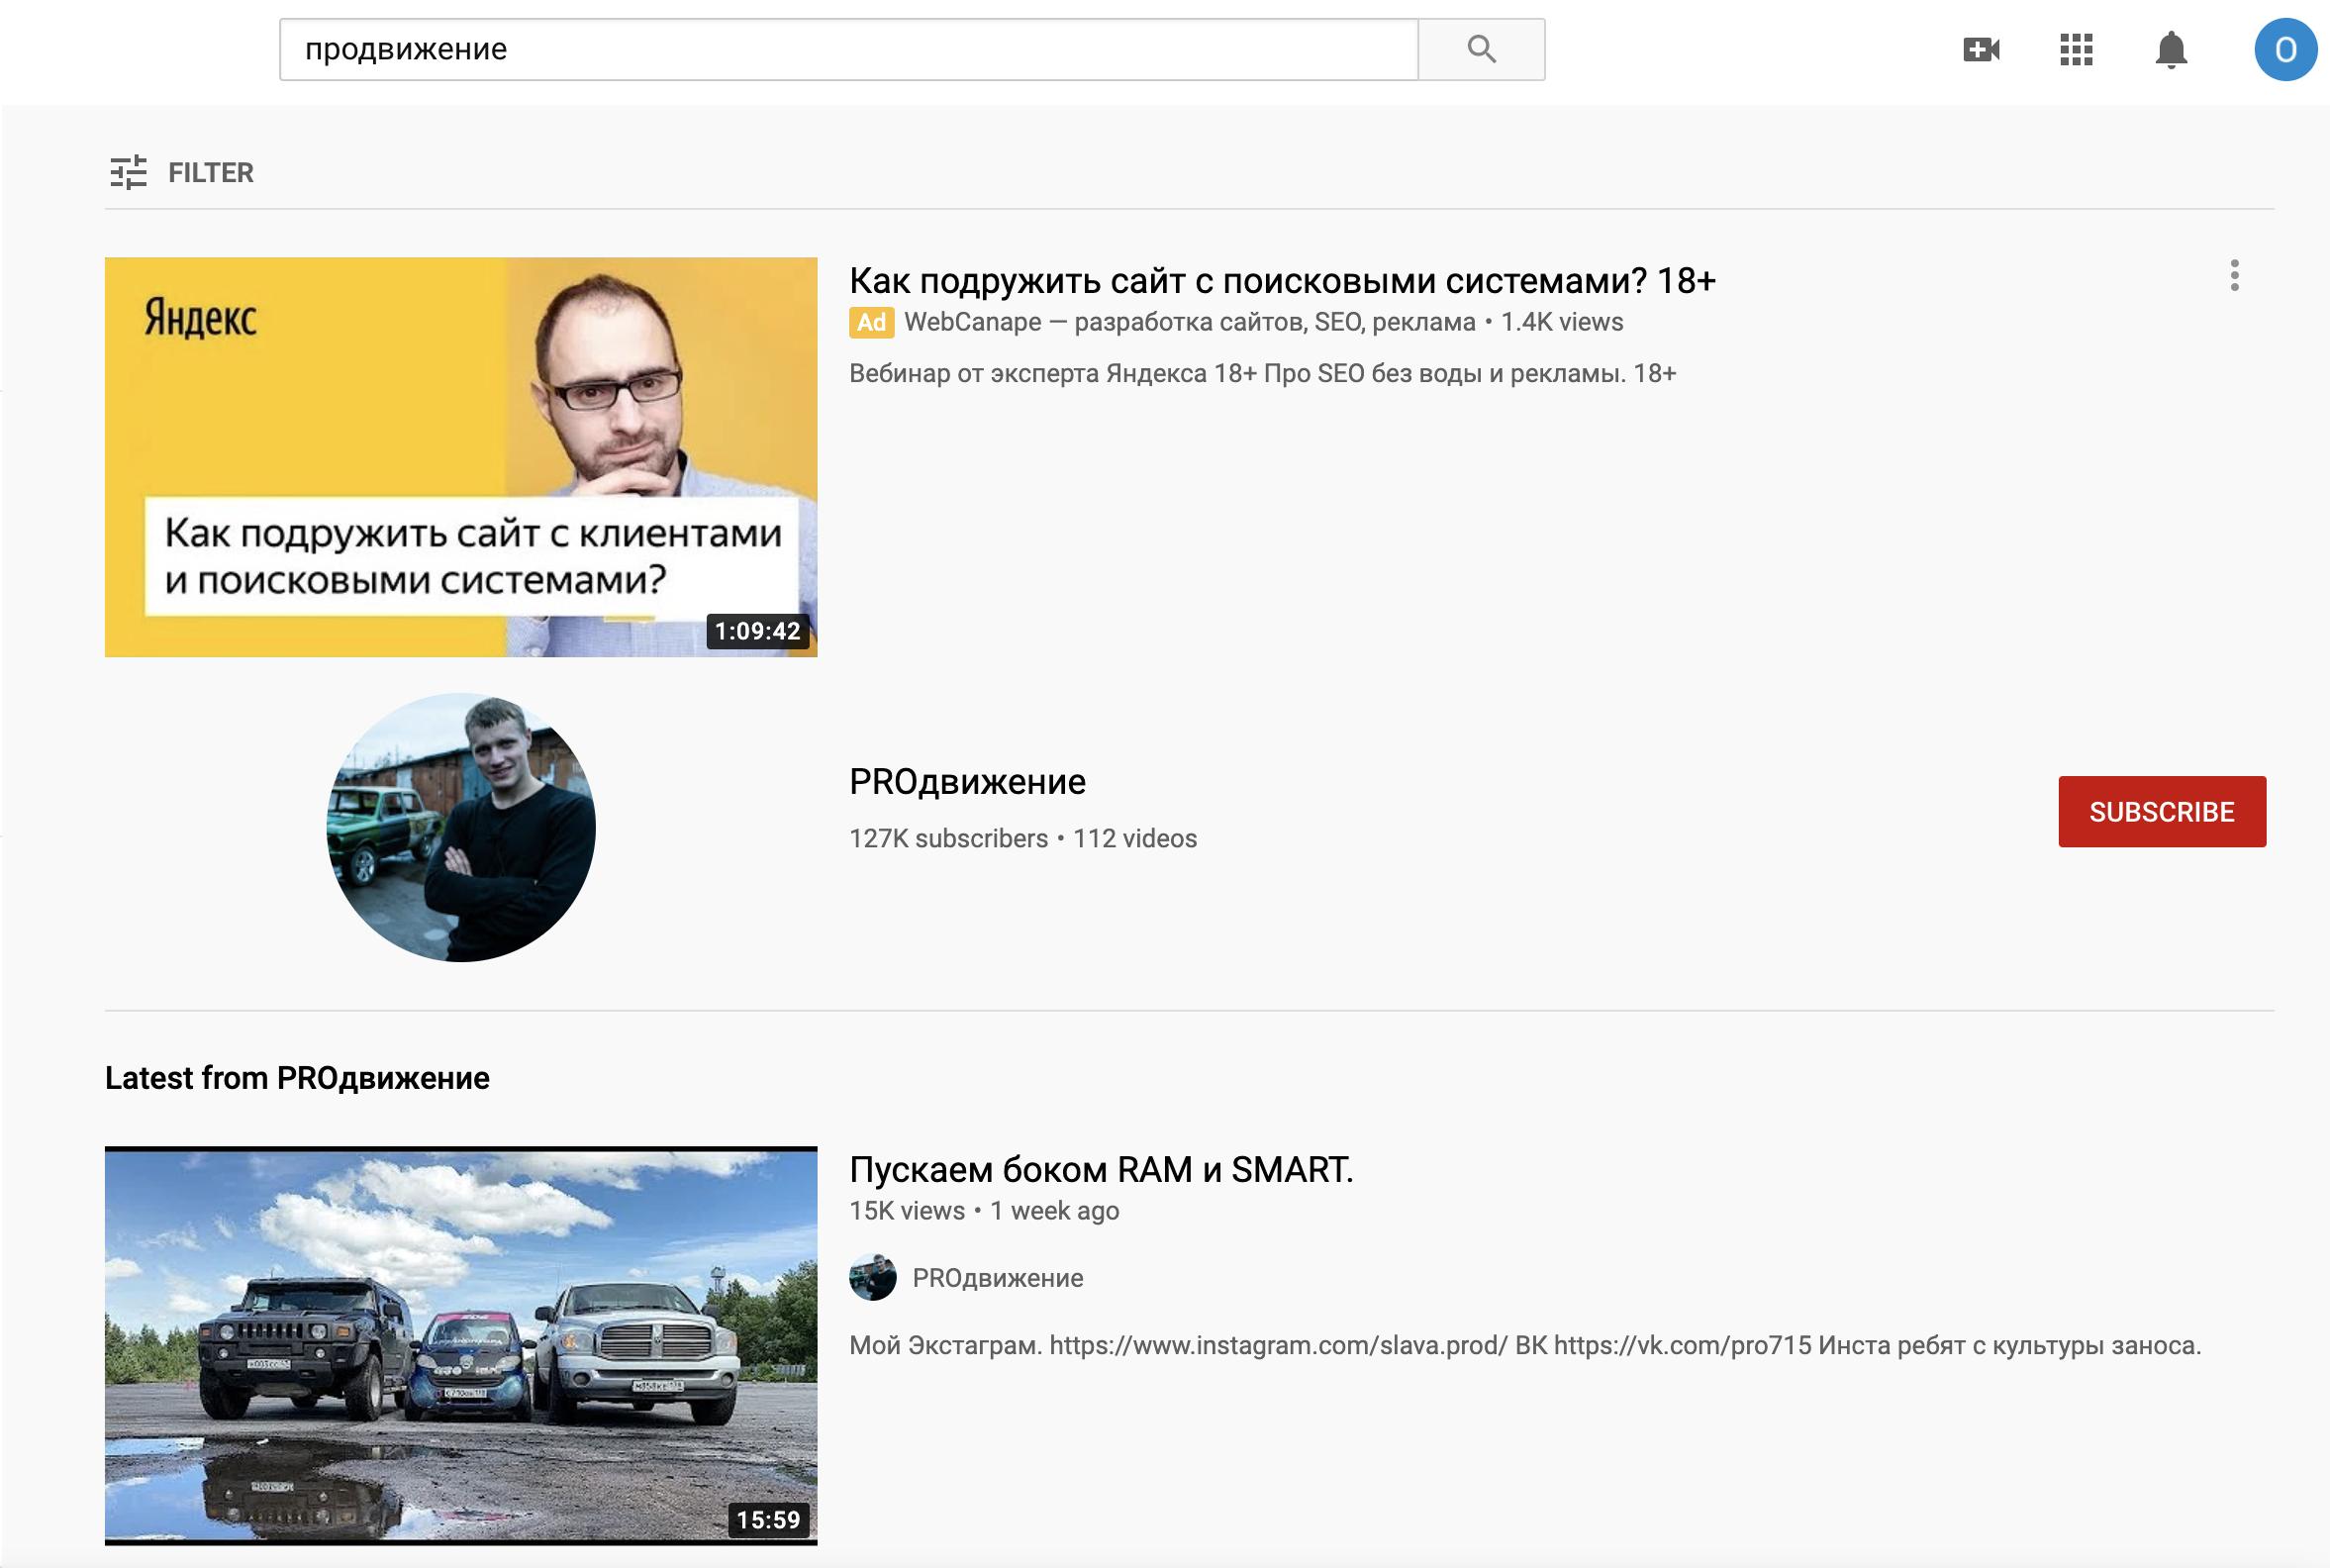 Пример рекламы в формате Video Discovery на YouTube